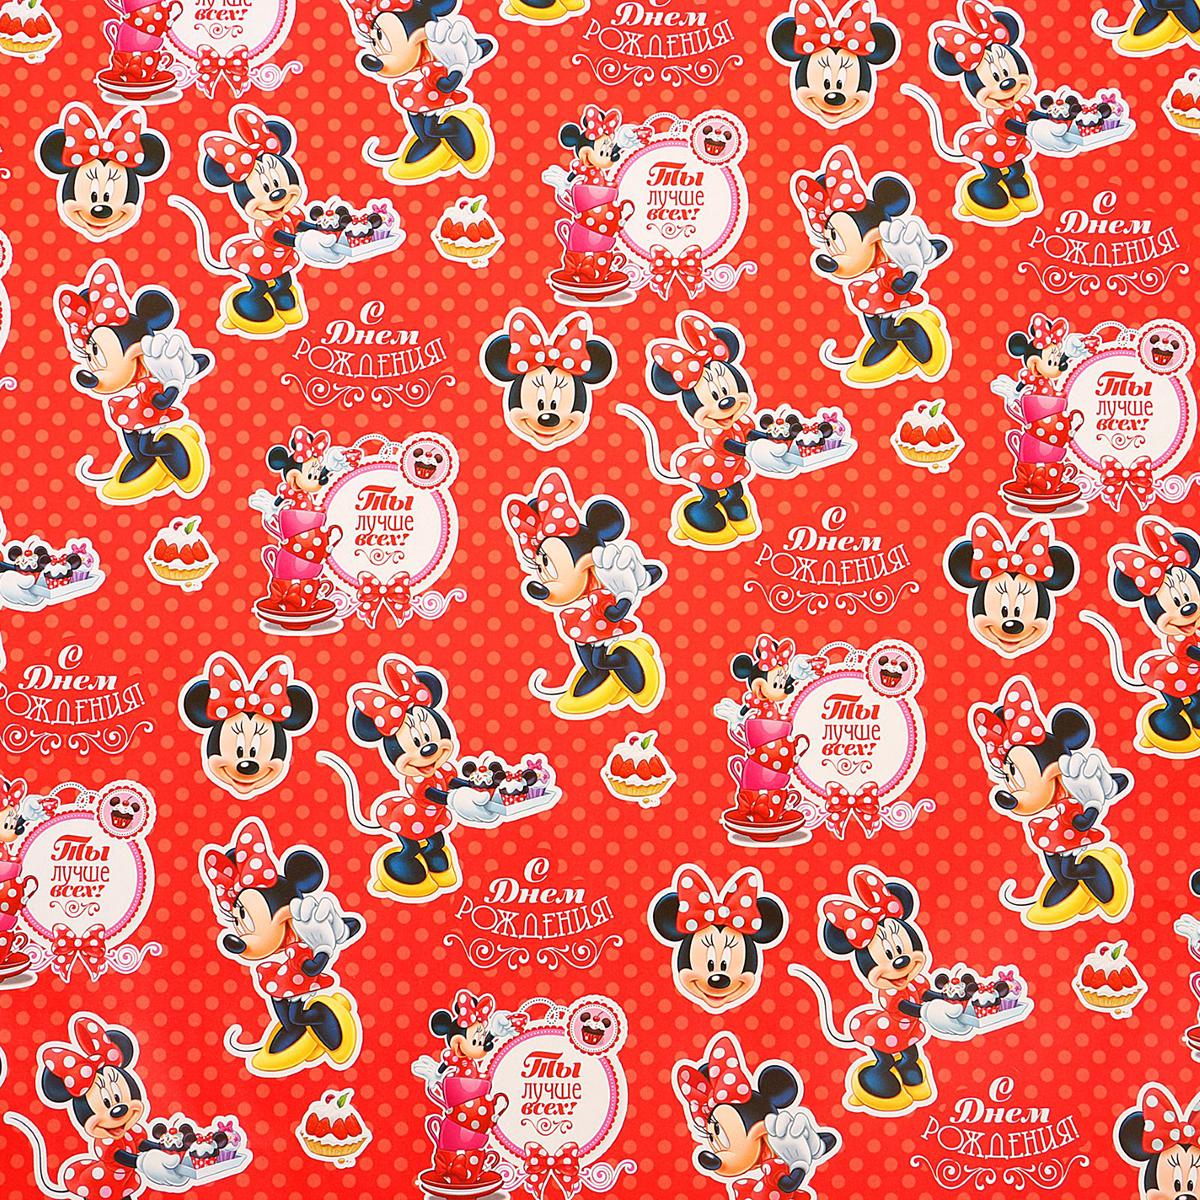 Бумага упаковочная Disney С Днем Рождения. Минни, глянцевая, 70 х 100 см. 1302001 бумага упаковочная disney с днем рождения самая милая минни маус глянцевая 70 х 100 см 2390649